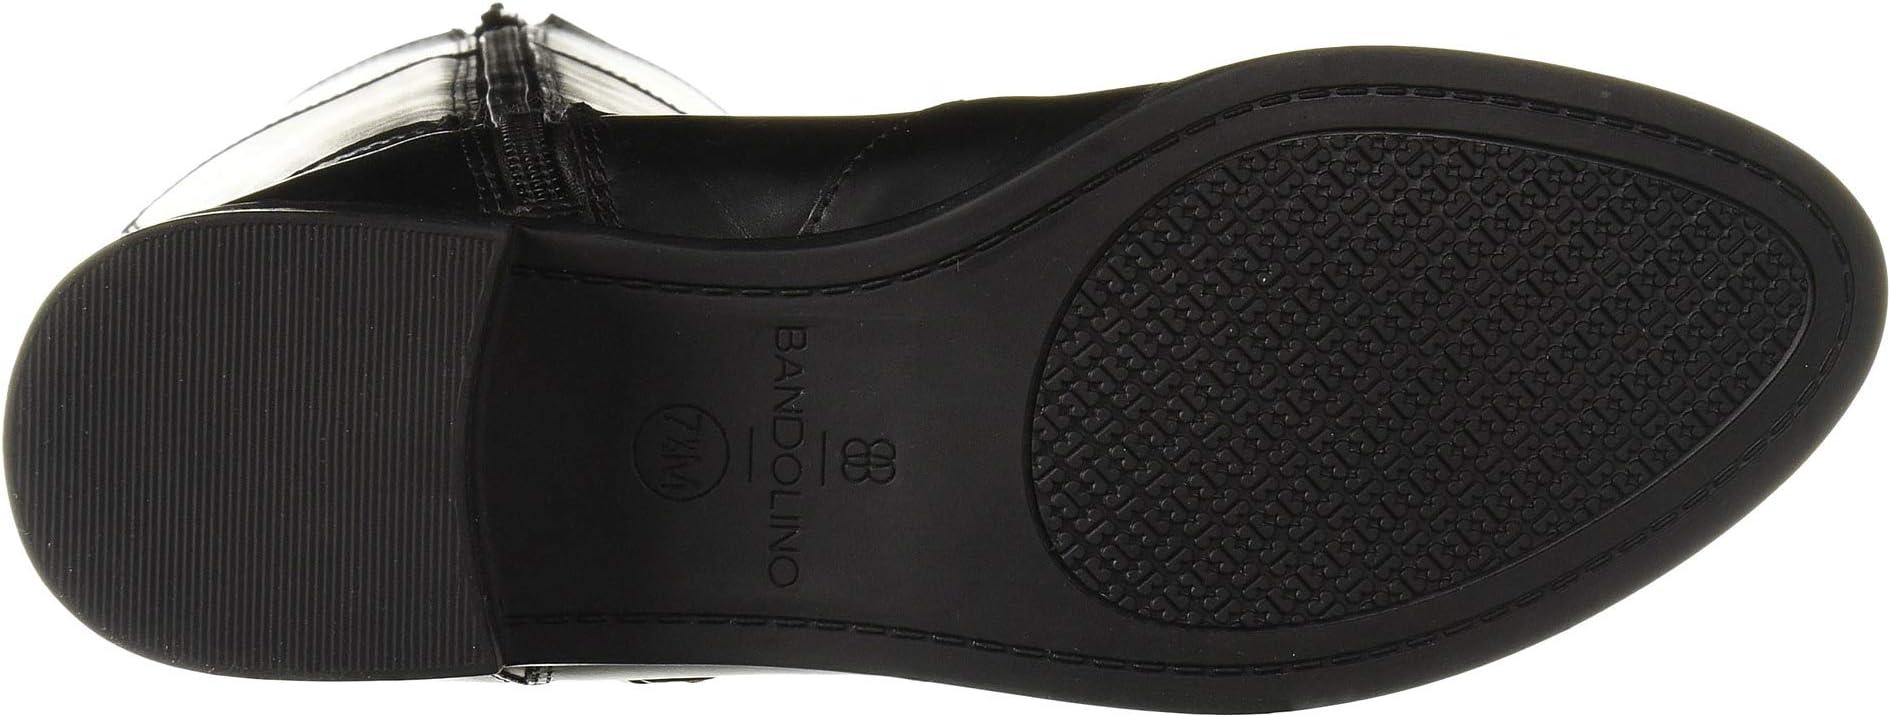 Bandolino Jimani | Women's shoes | 2020 Newest